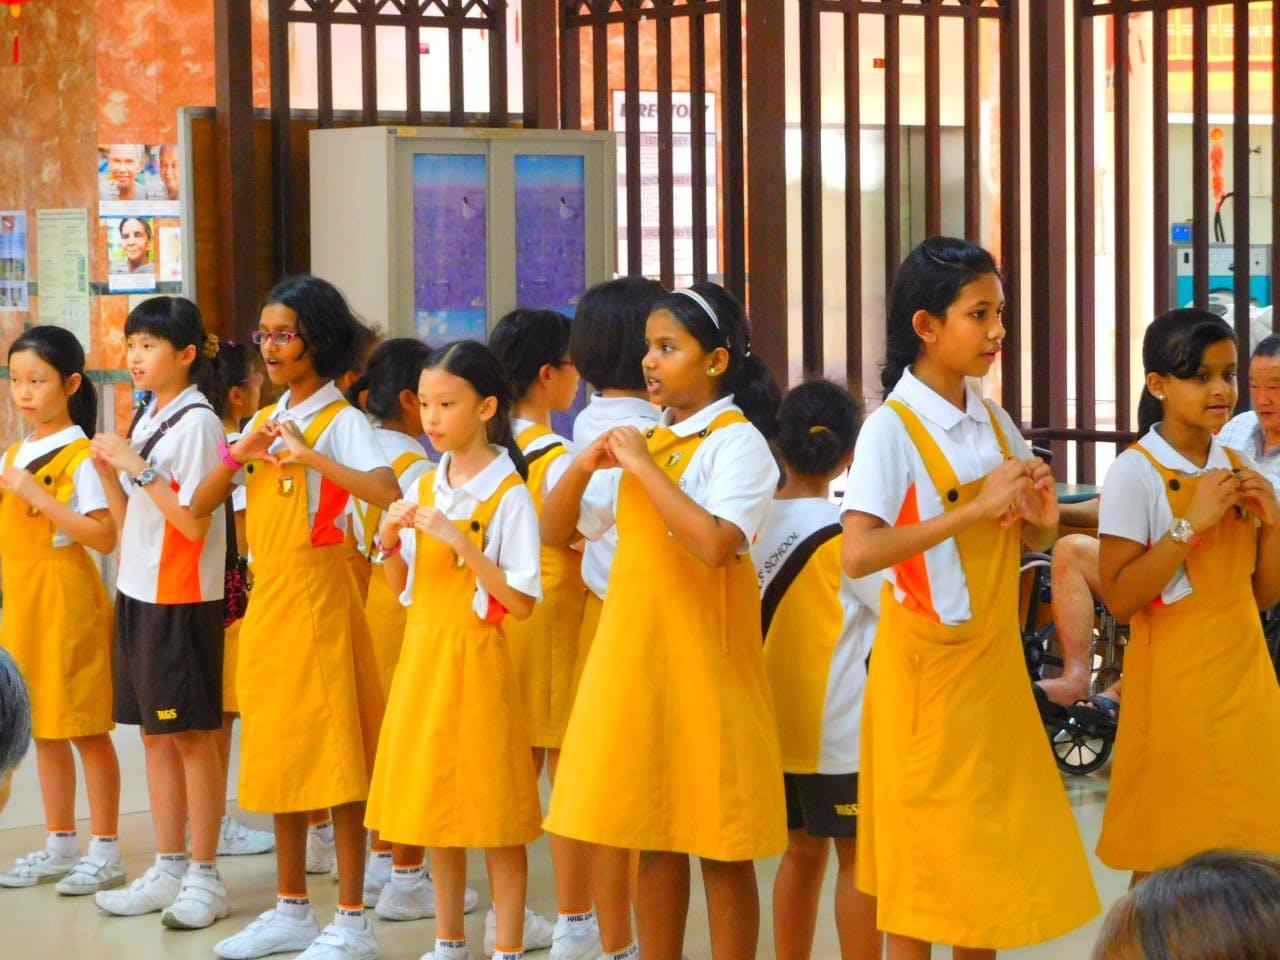 Students at Haig GIrl's School